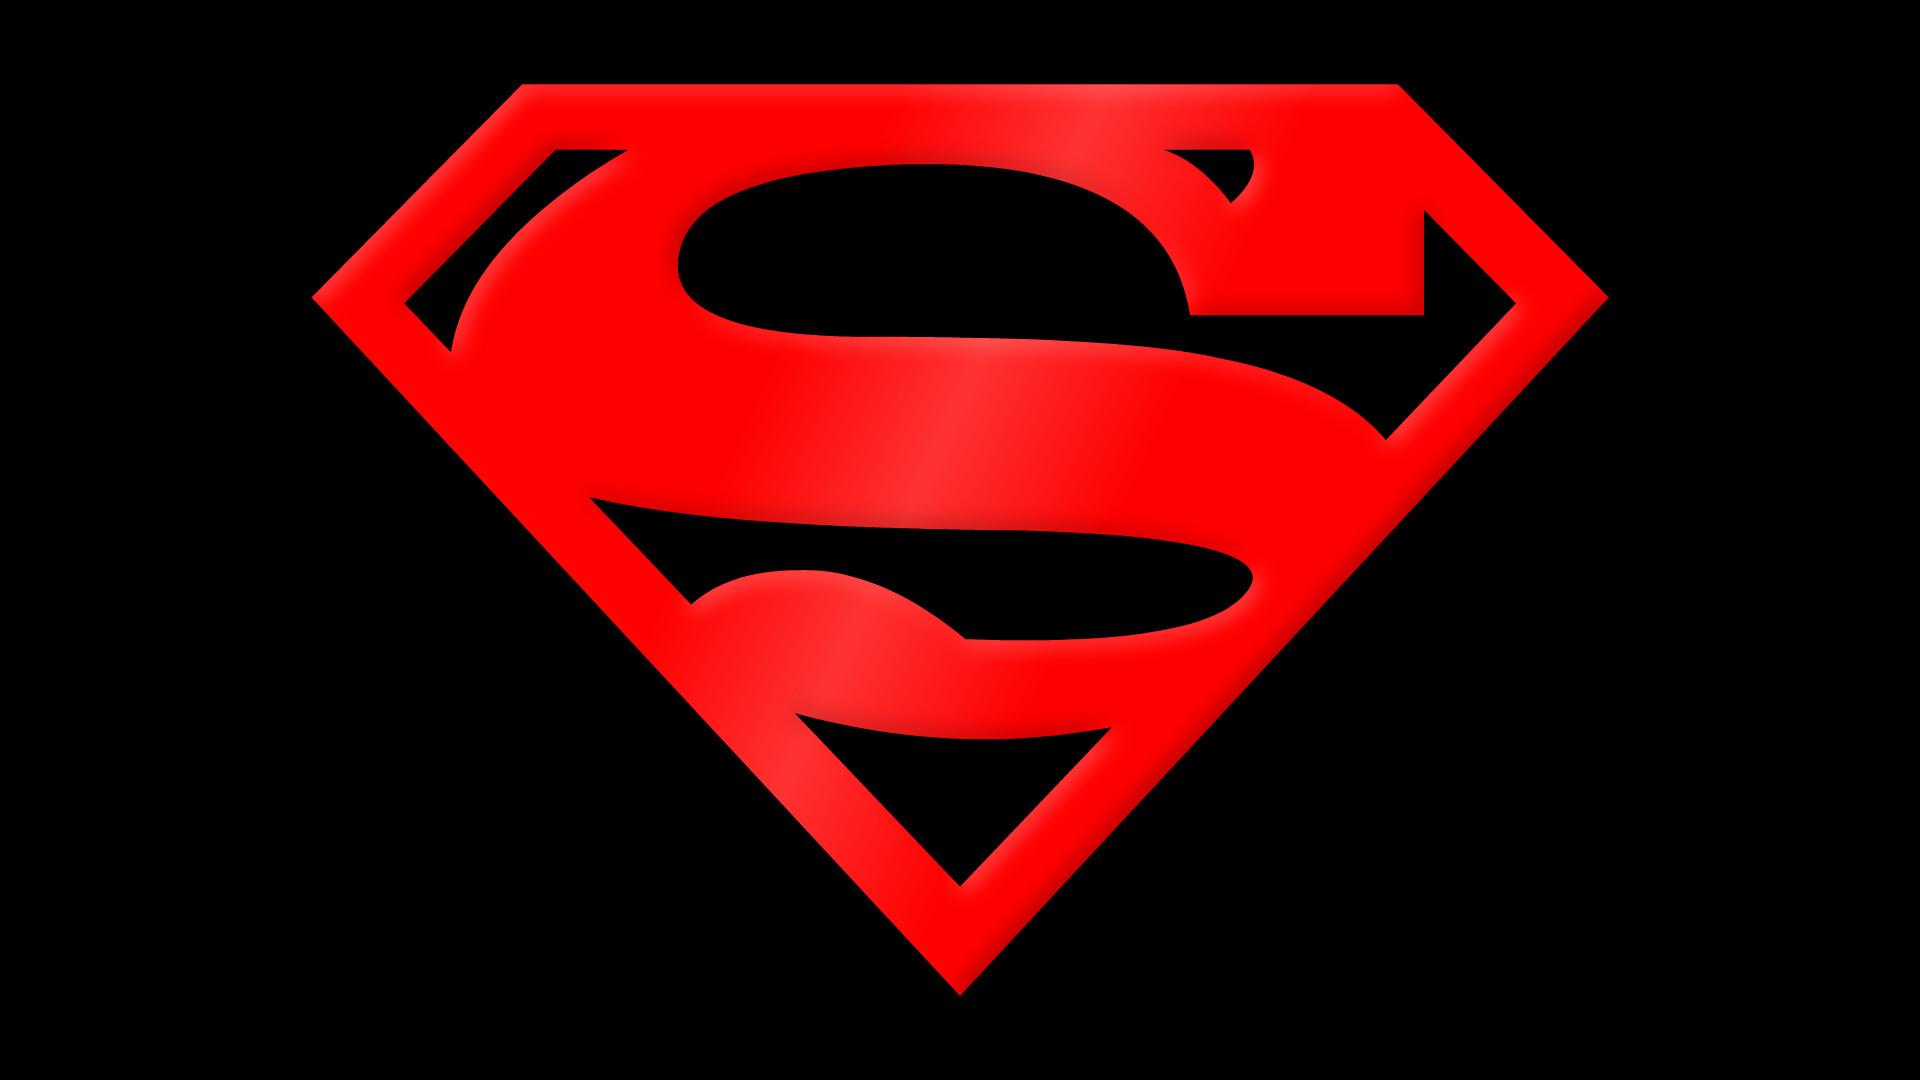 Superboy Symbol by Yurtigo Superboy Symbol by Yurtigo